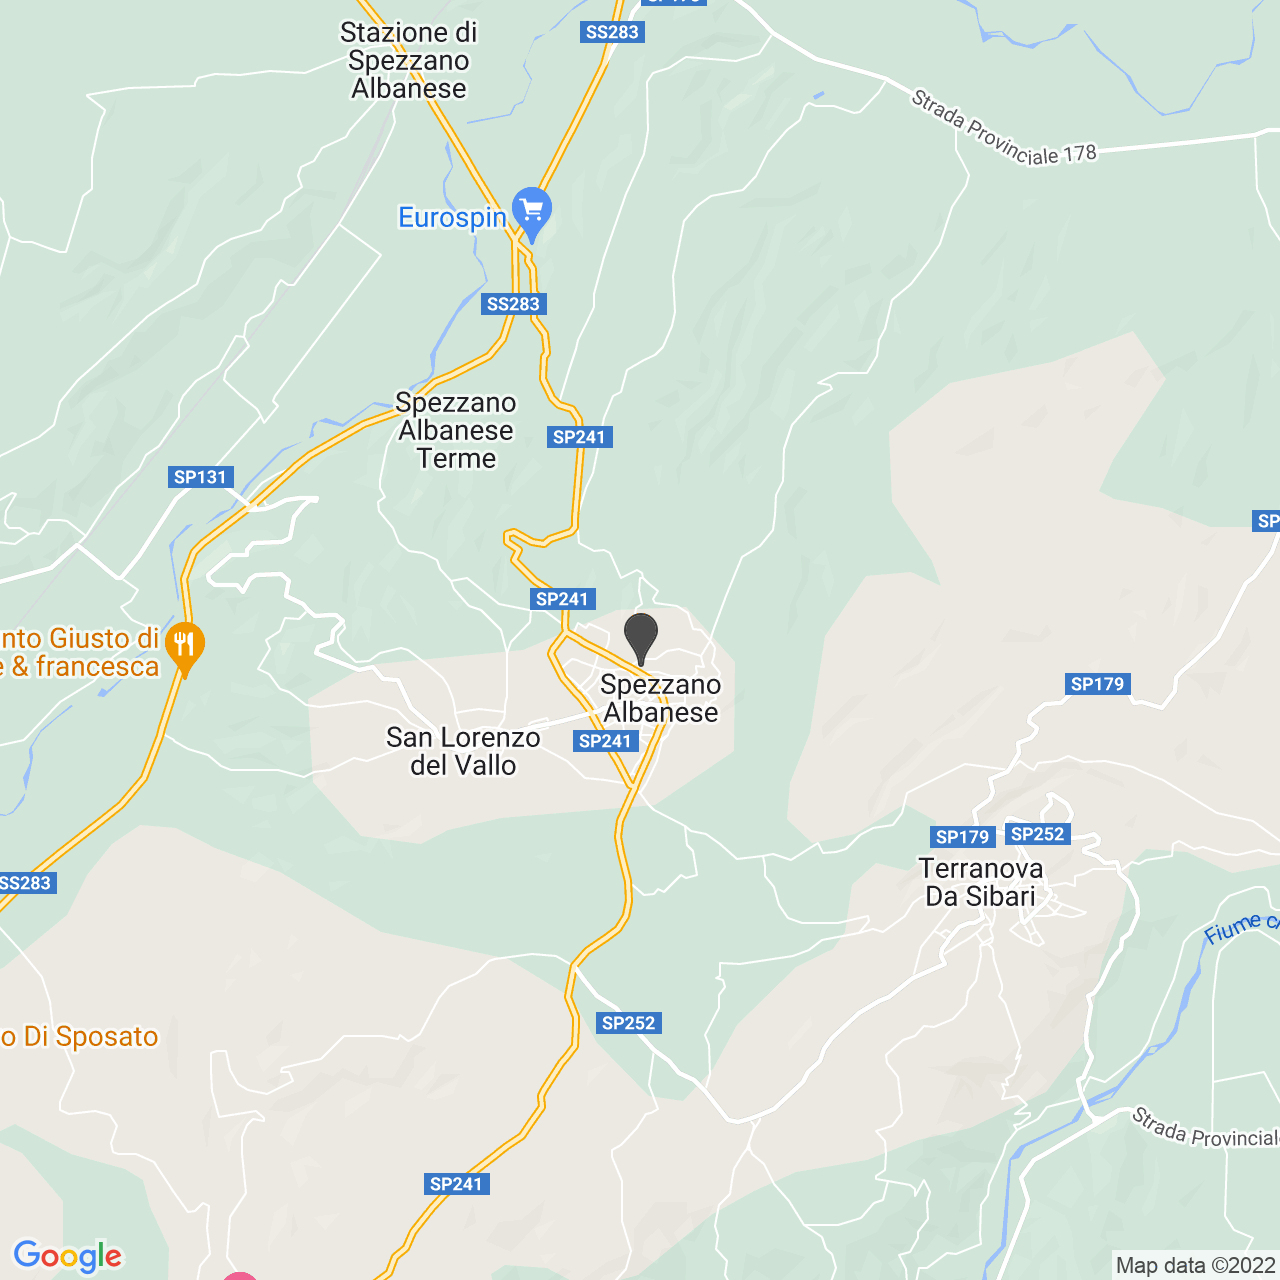 CIMITERO SPEZZANO ALBANESE